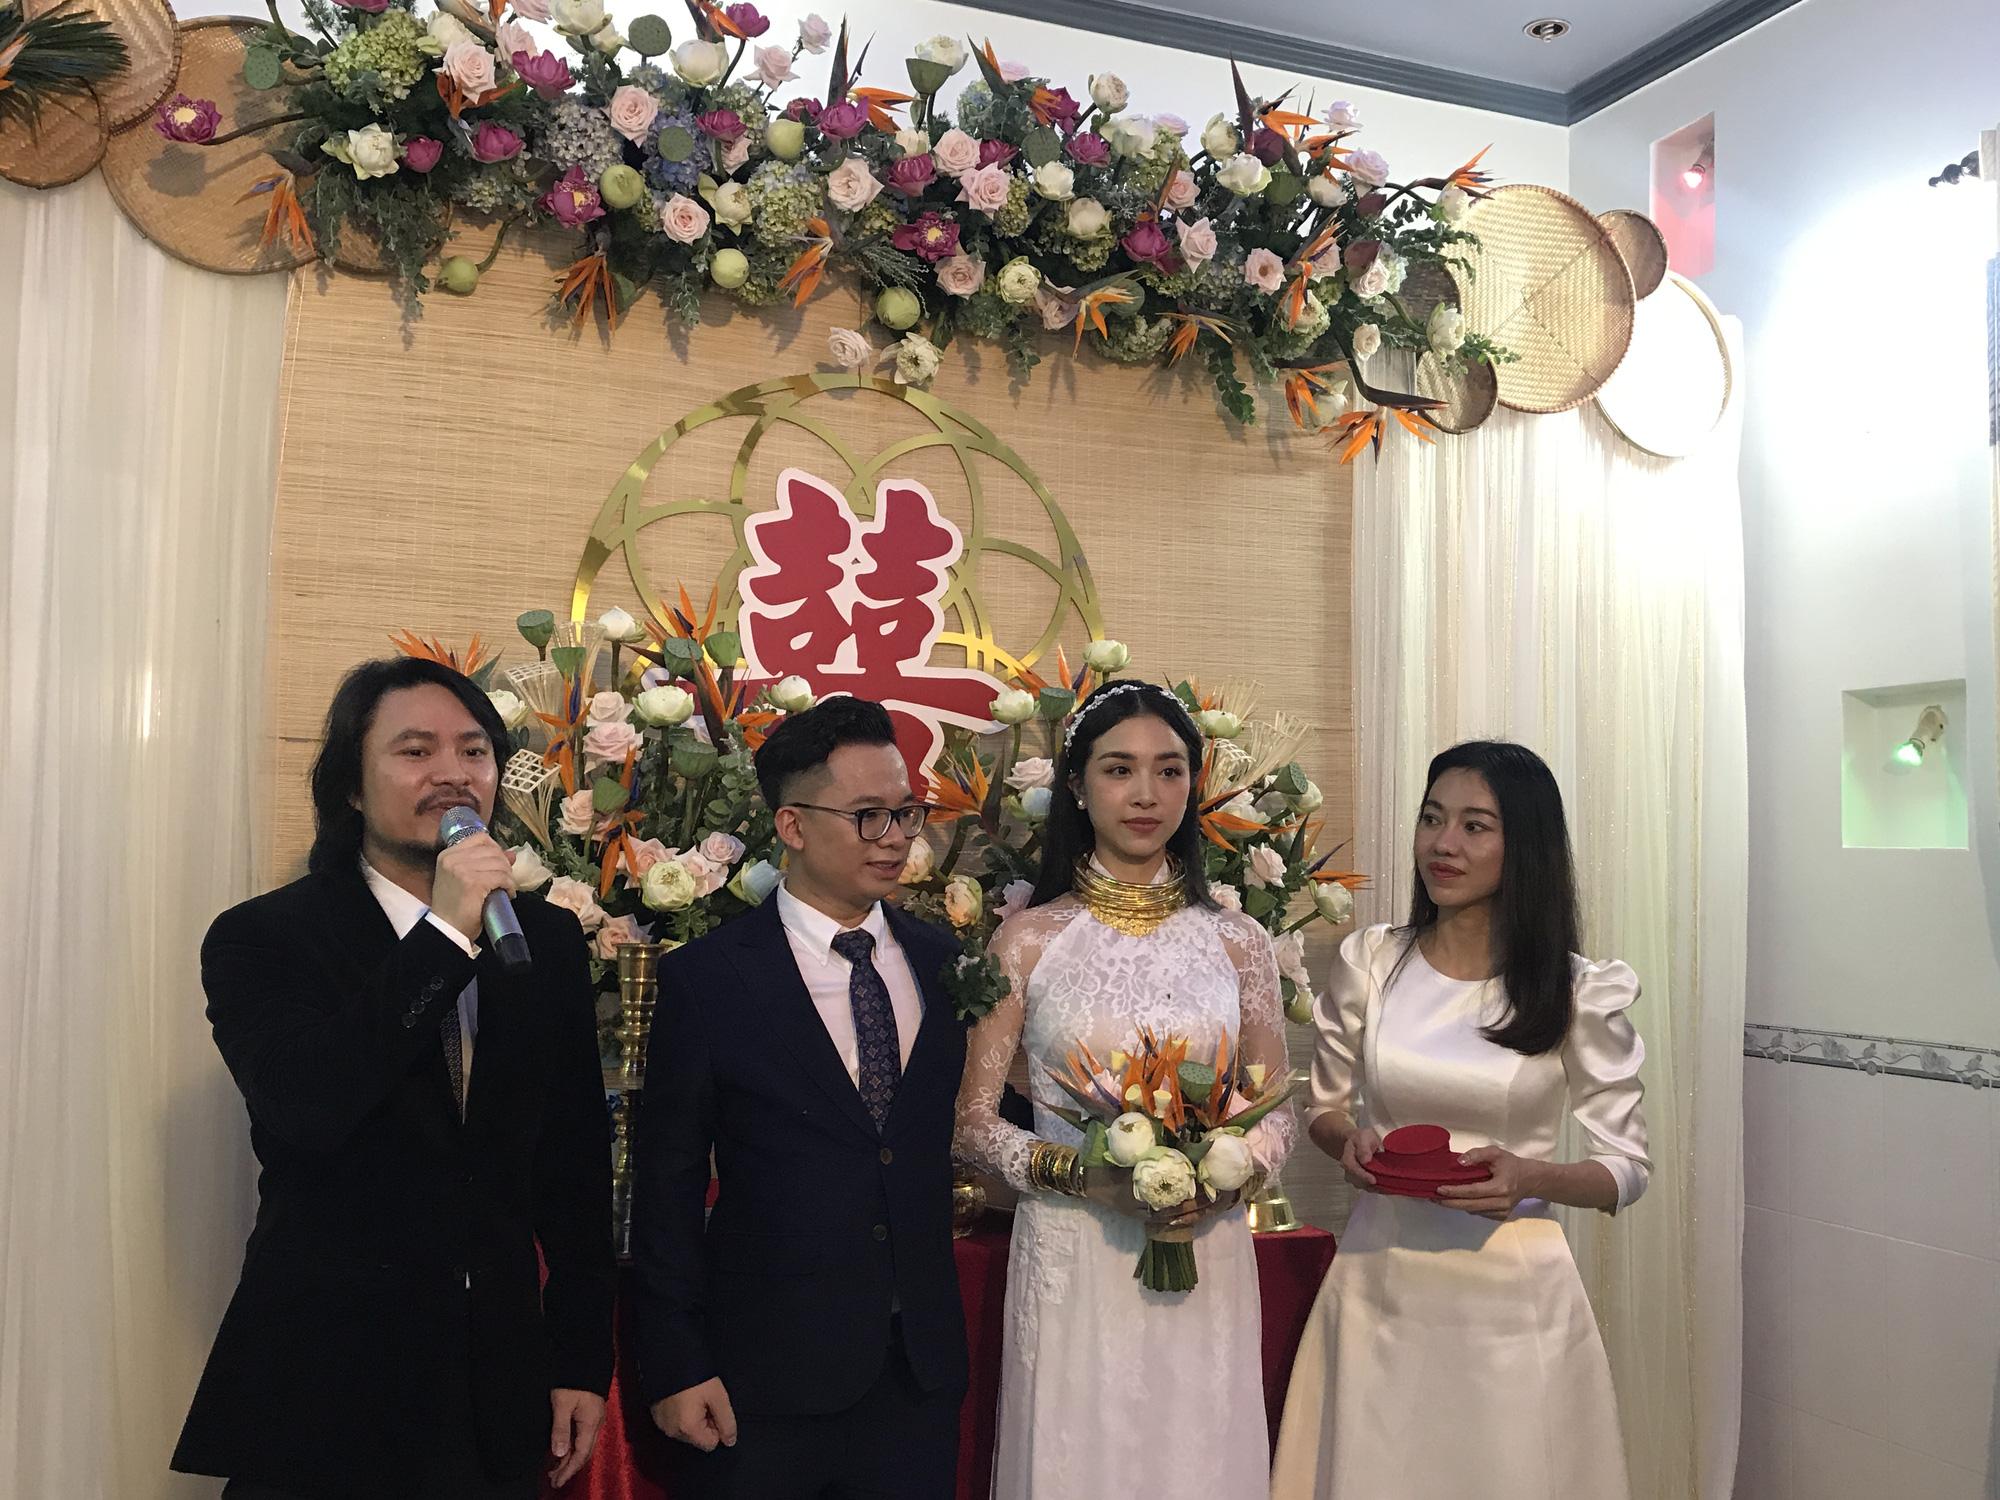 """""""Choáng"""" vì Á hậu Thúy An đeo vàng """"nặng trĩu"""" ngày cưới chồng tiến sĩ hơn 10 tuổi - Ảnh 10."""